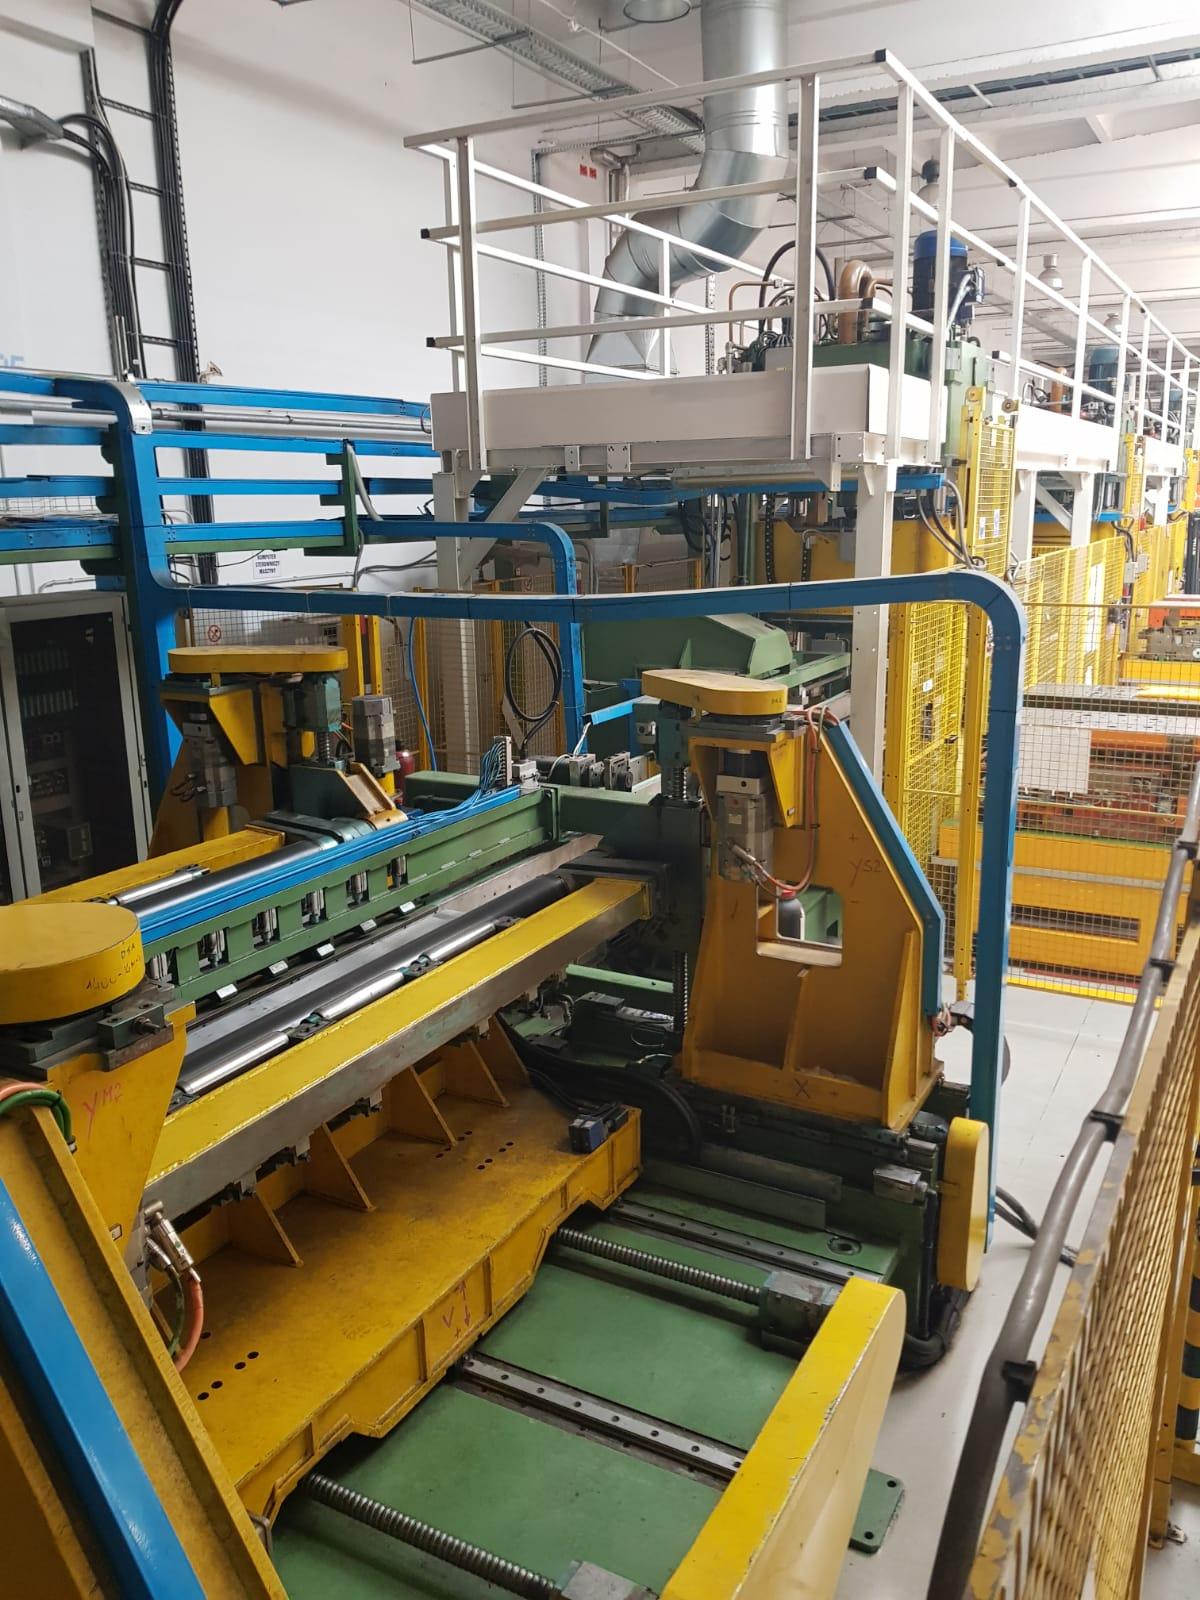 tasma-produkcja-wyrobow-blaszanych